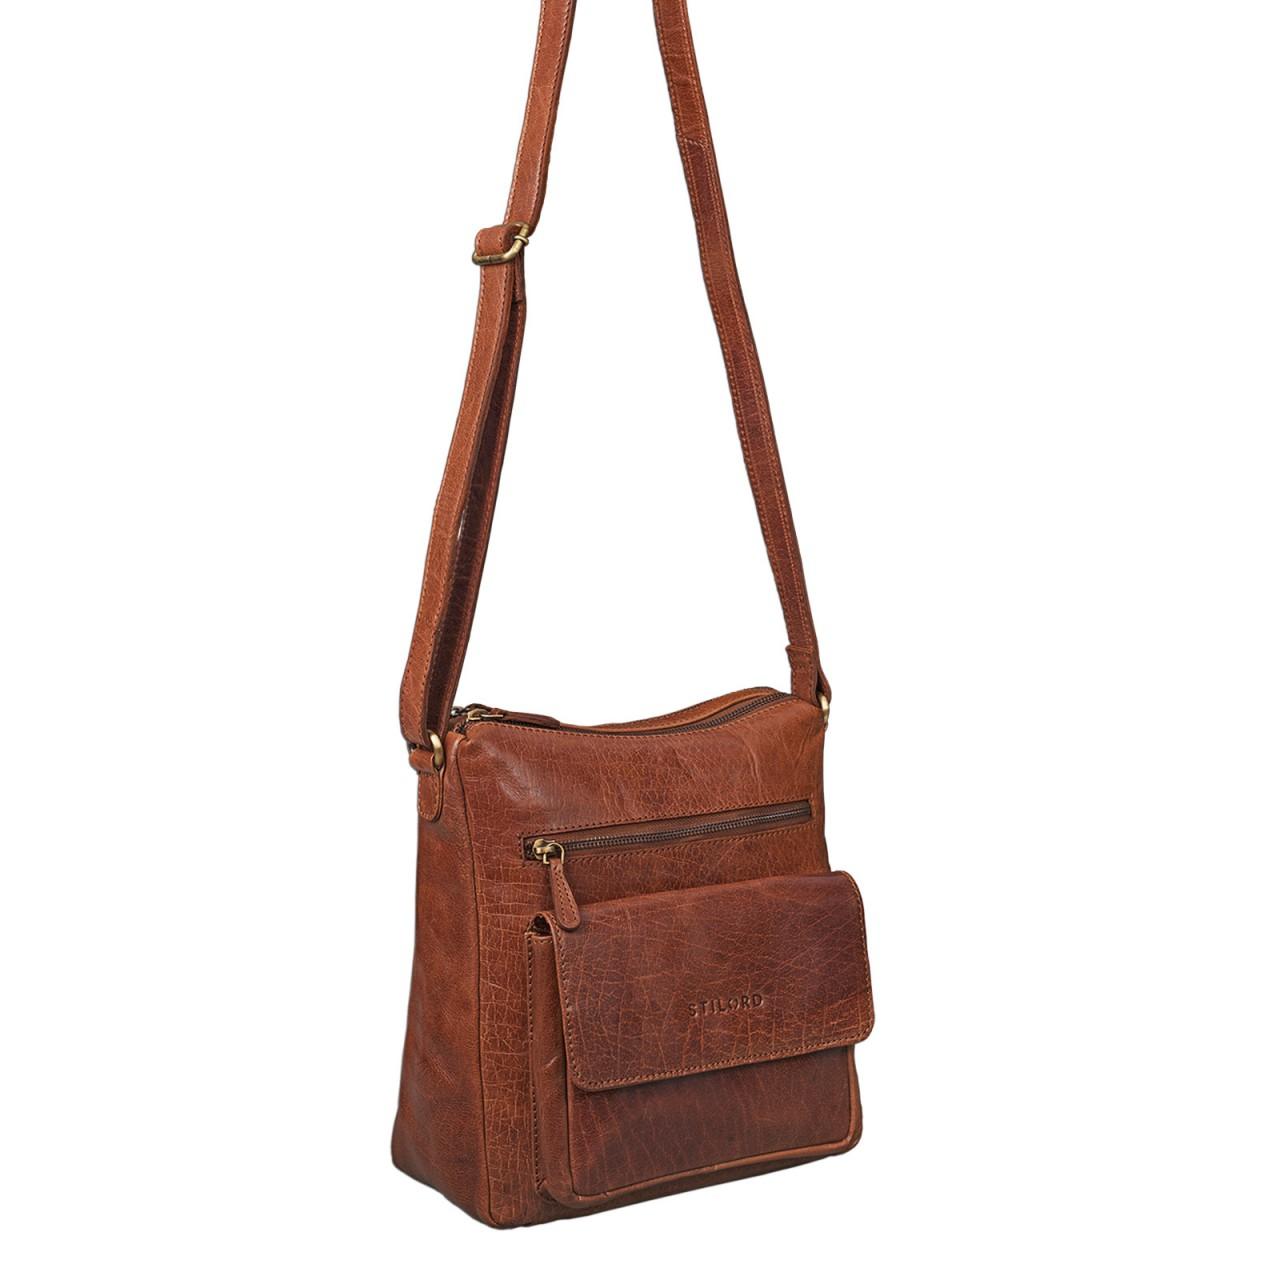 STILORD Vintage Umhängetasche für Damen Schultertasche Handtasche Ausgehen Freizeit Abendtasche Büffel Leder glänzend braun - Bild 7